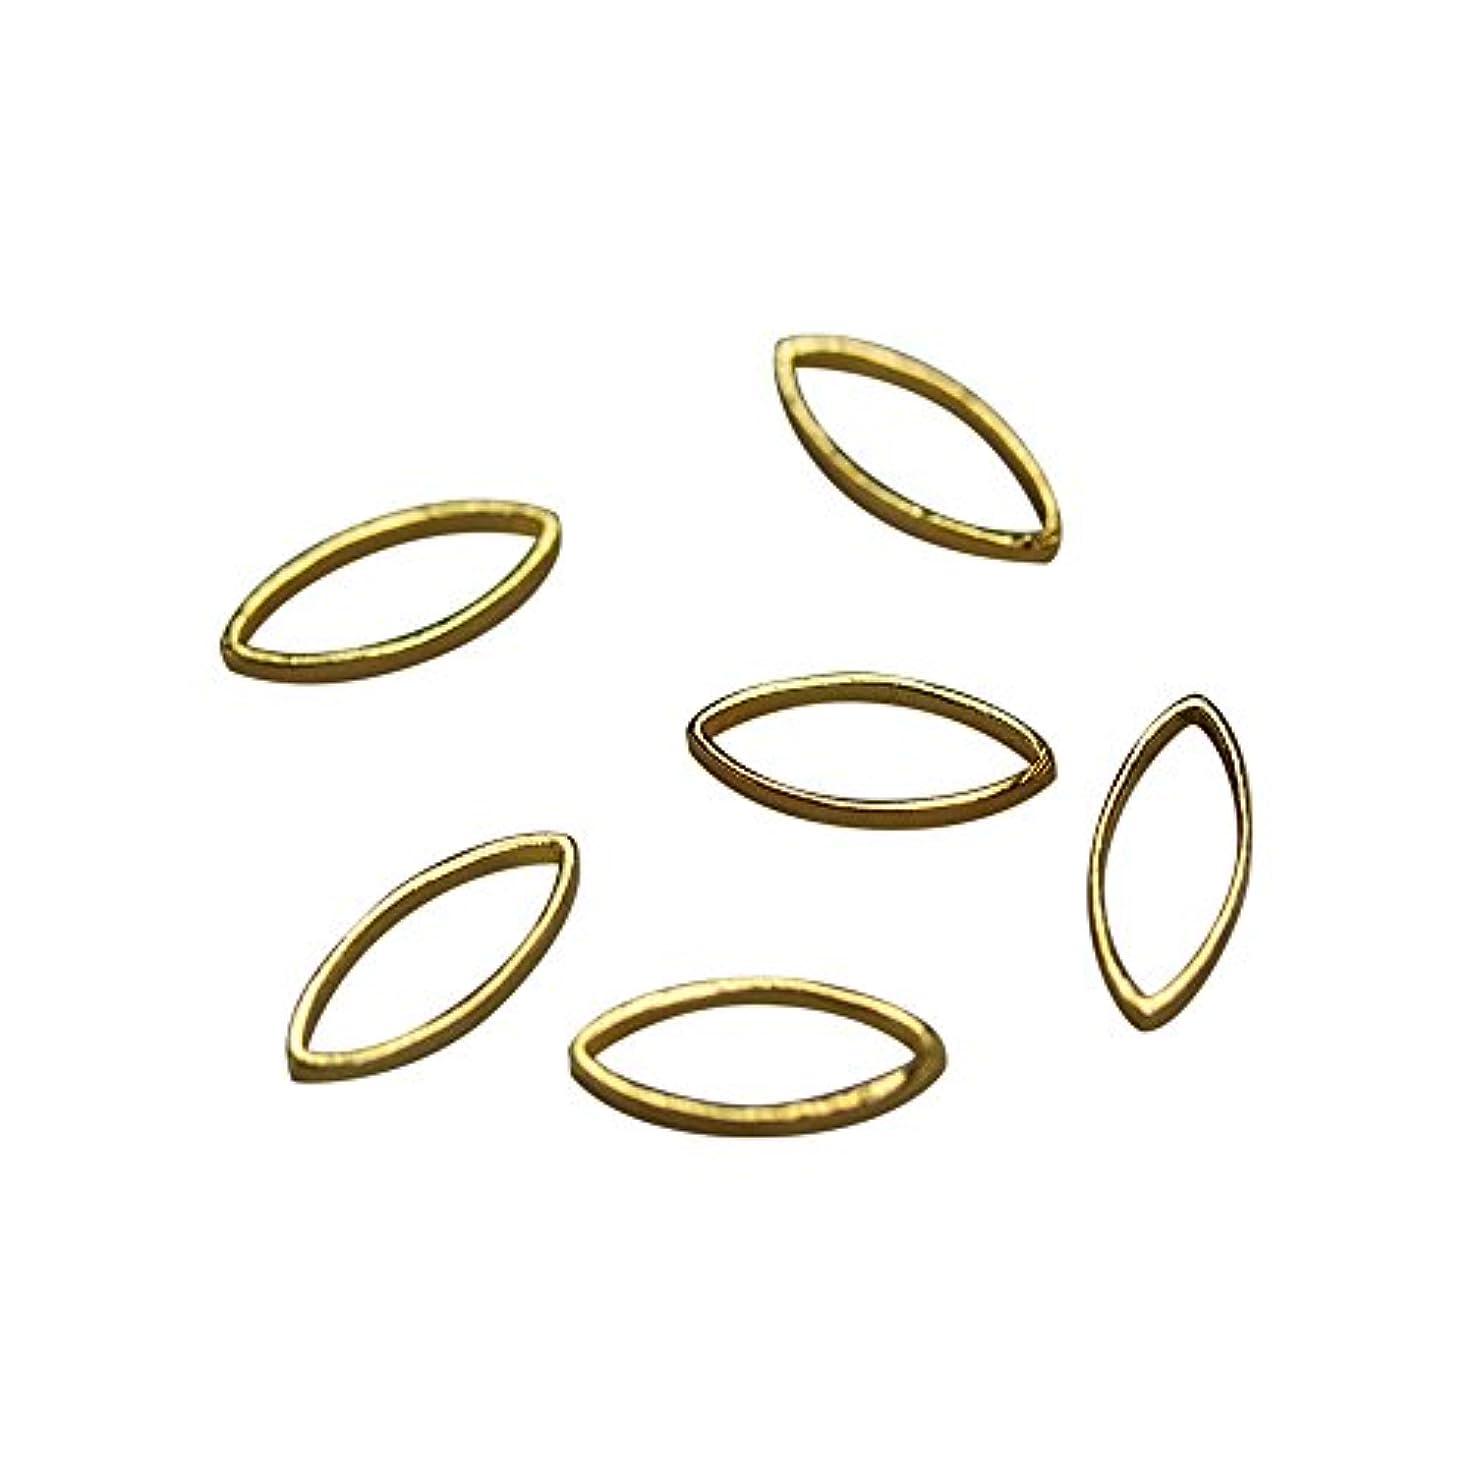 放棄された祖父母を訪問動力学Bonnail×RieNofuji Loop leaf S ゴールド